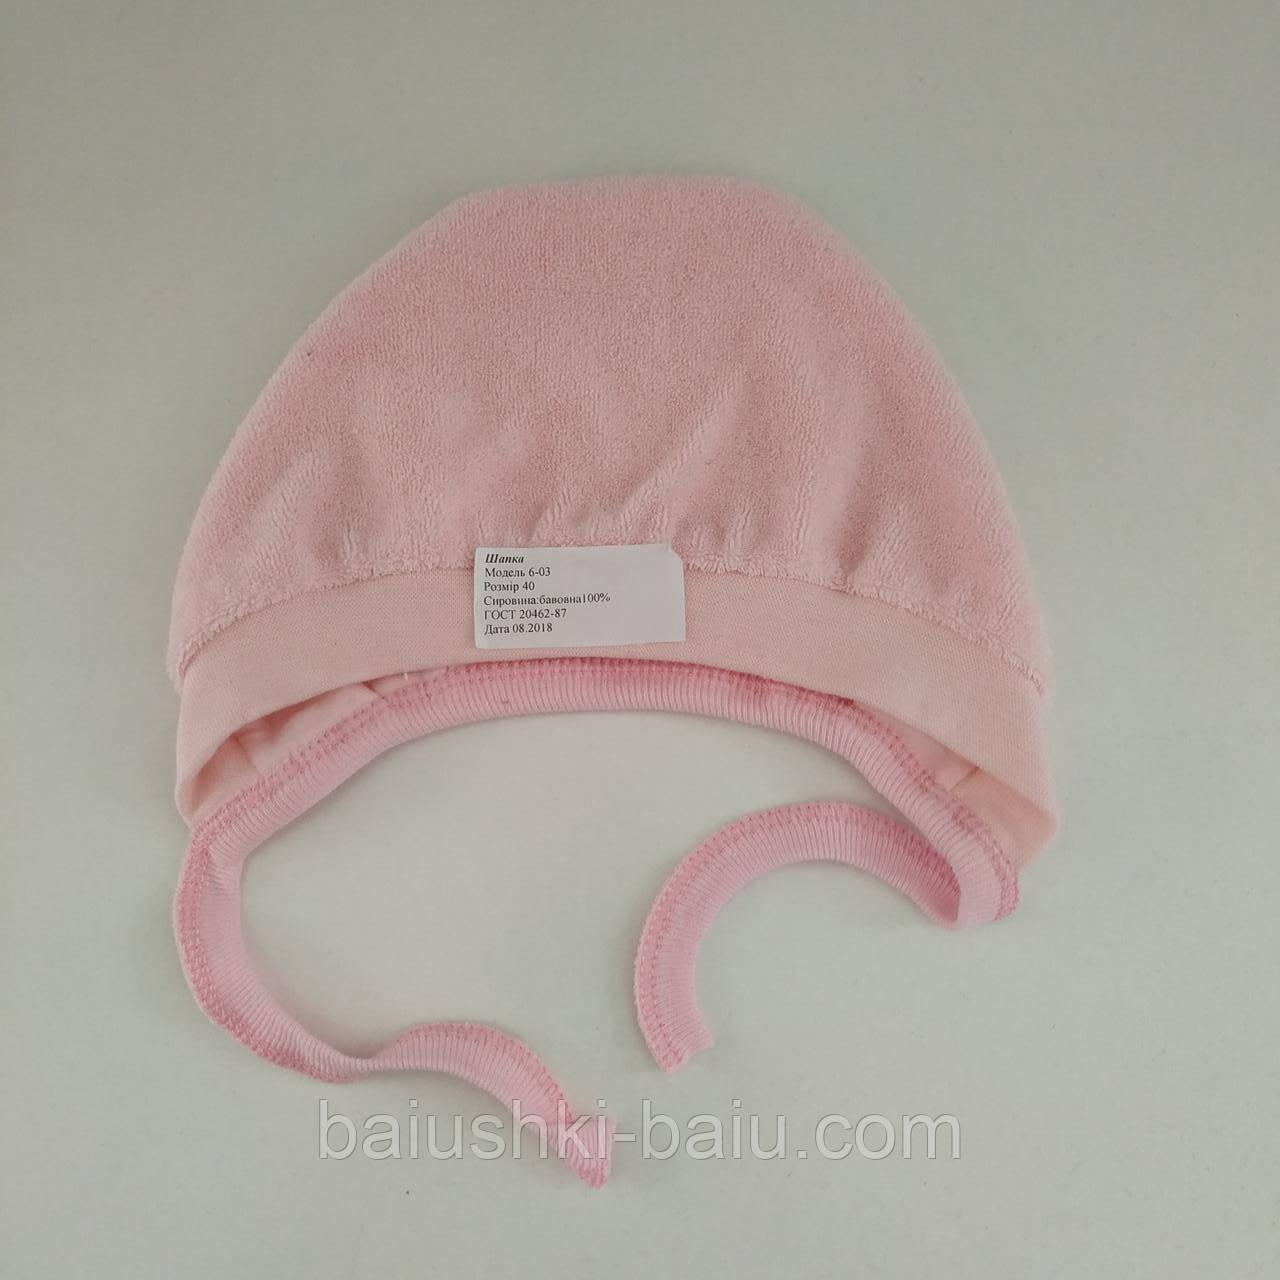 Чепчик теплый для новорожденного махровый (футер), р. 0-3 мес.